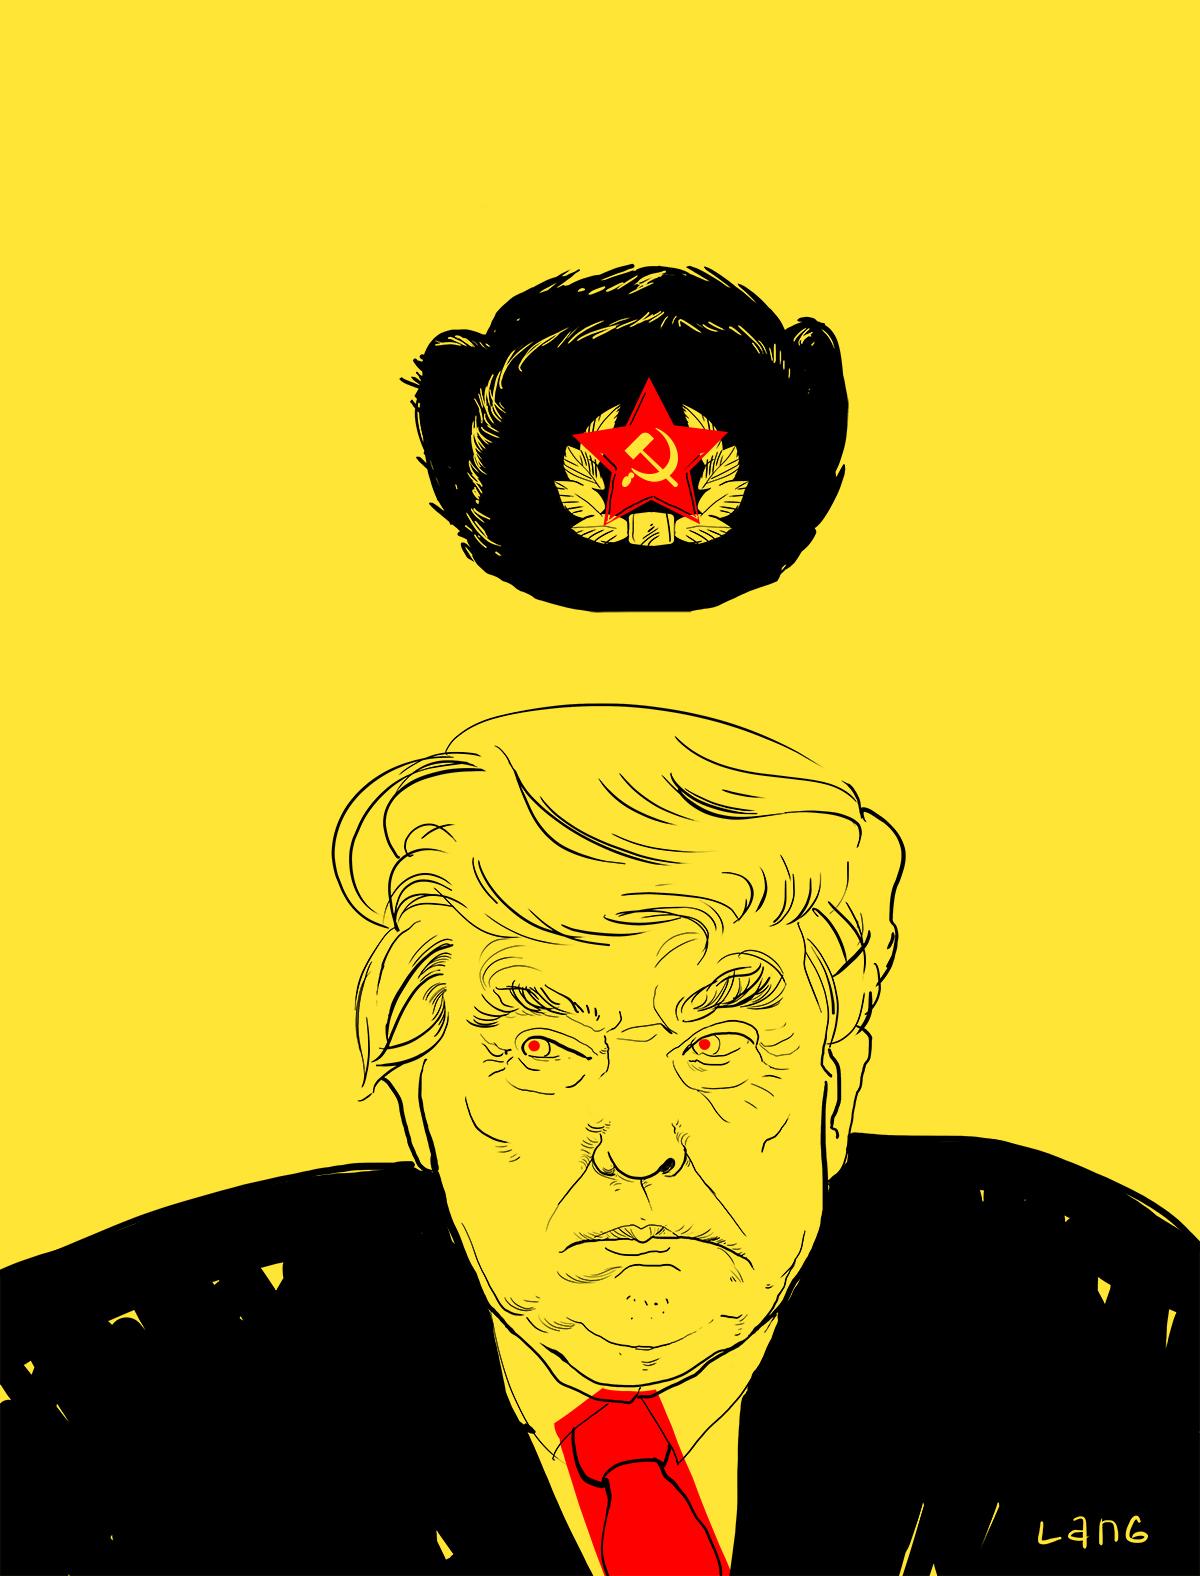 Lang_Trump-Russianfur.jpg